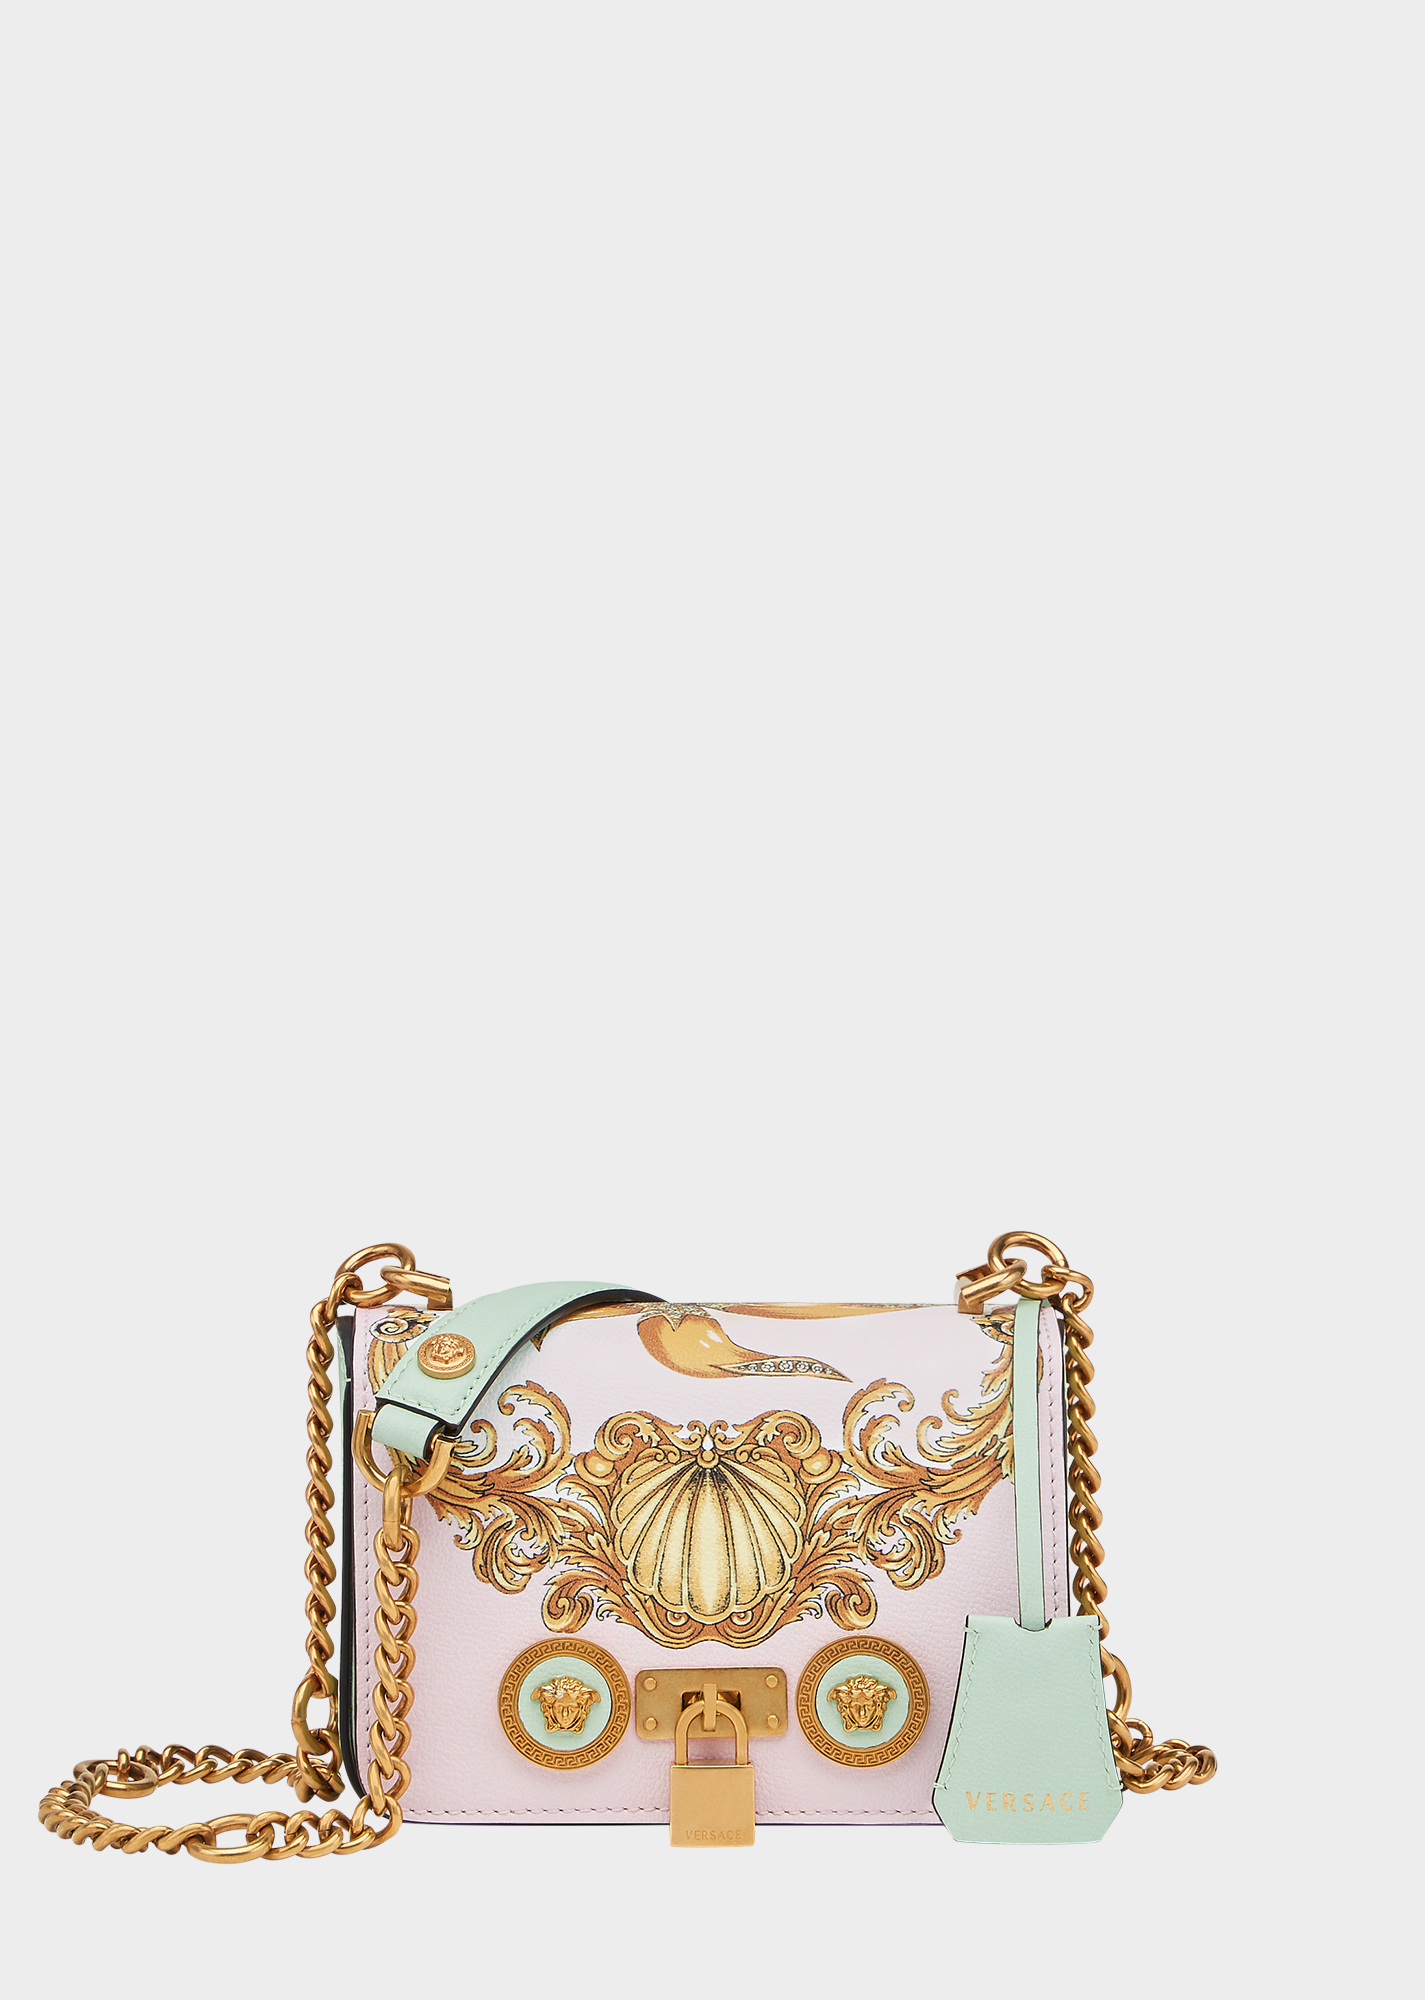 76691f0f6cf8 Versace Маленькая сумка Trésor de la Mer Icon для женщин | Официальный  веб-сайт